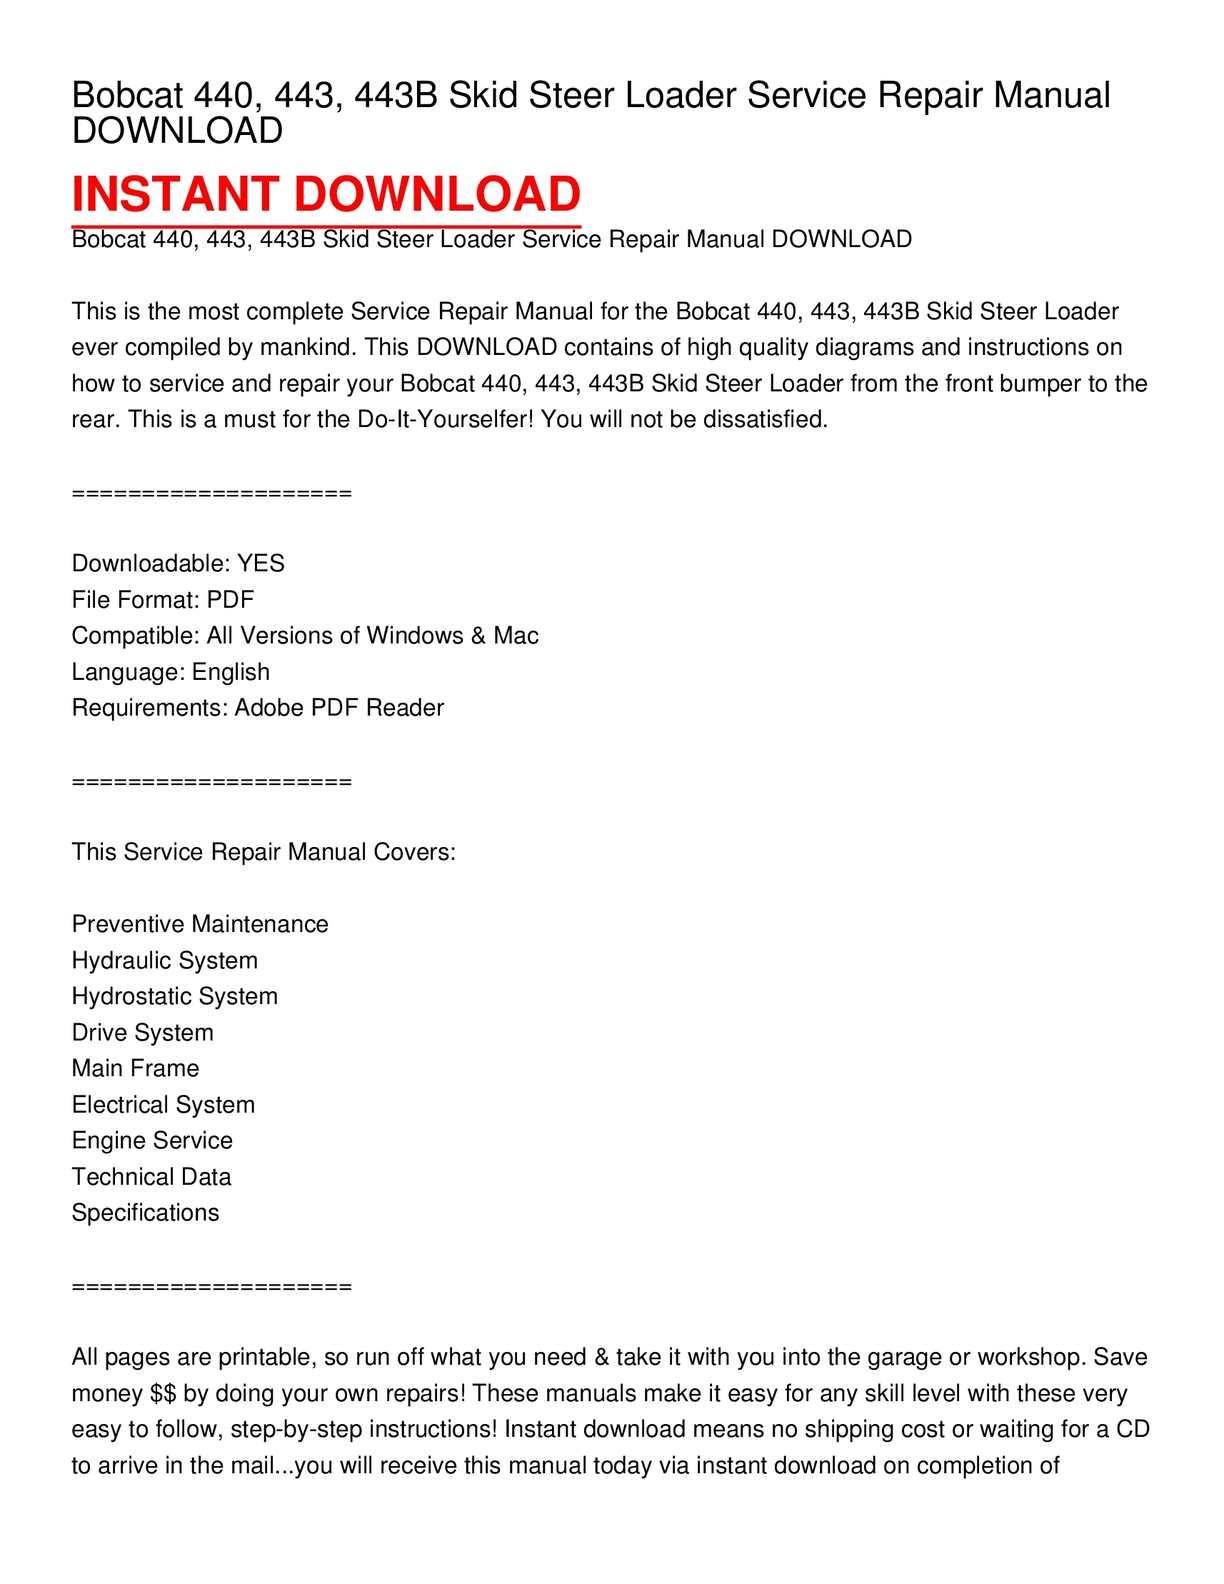 Calaméo - Bobcat 440, 443, 443B Skid Steer Loader Service Repair Manual  DOWNLOAD